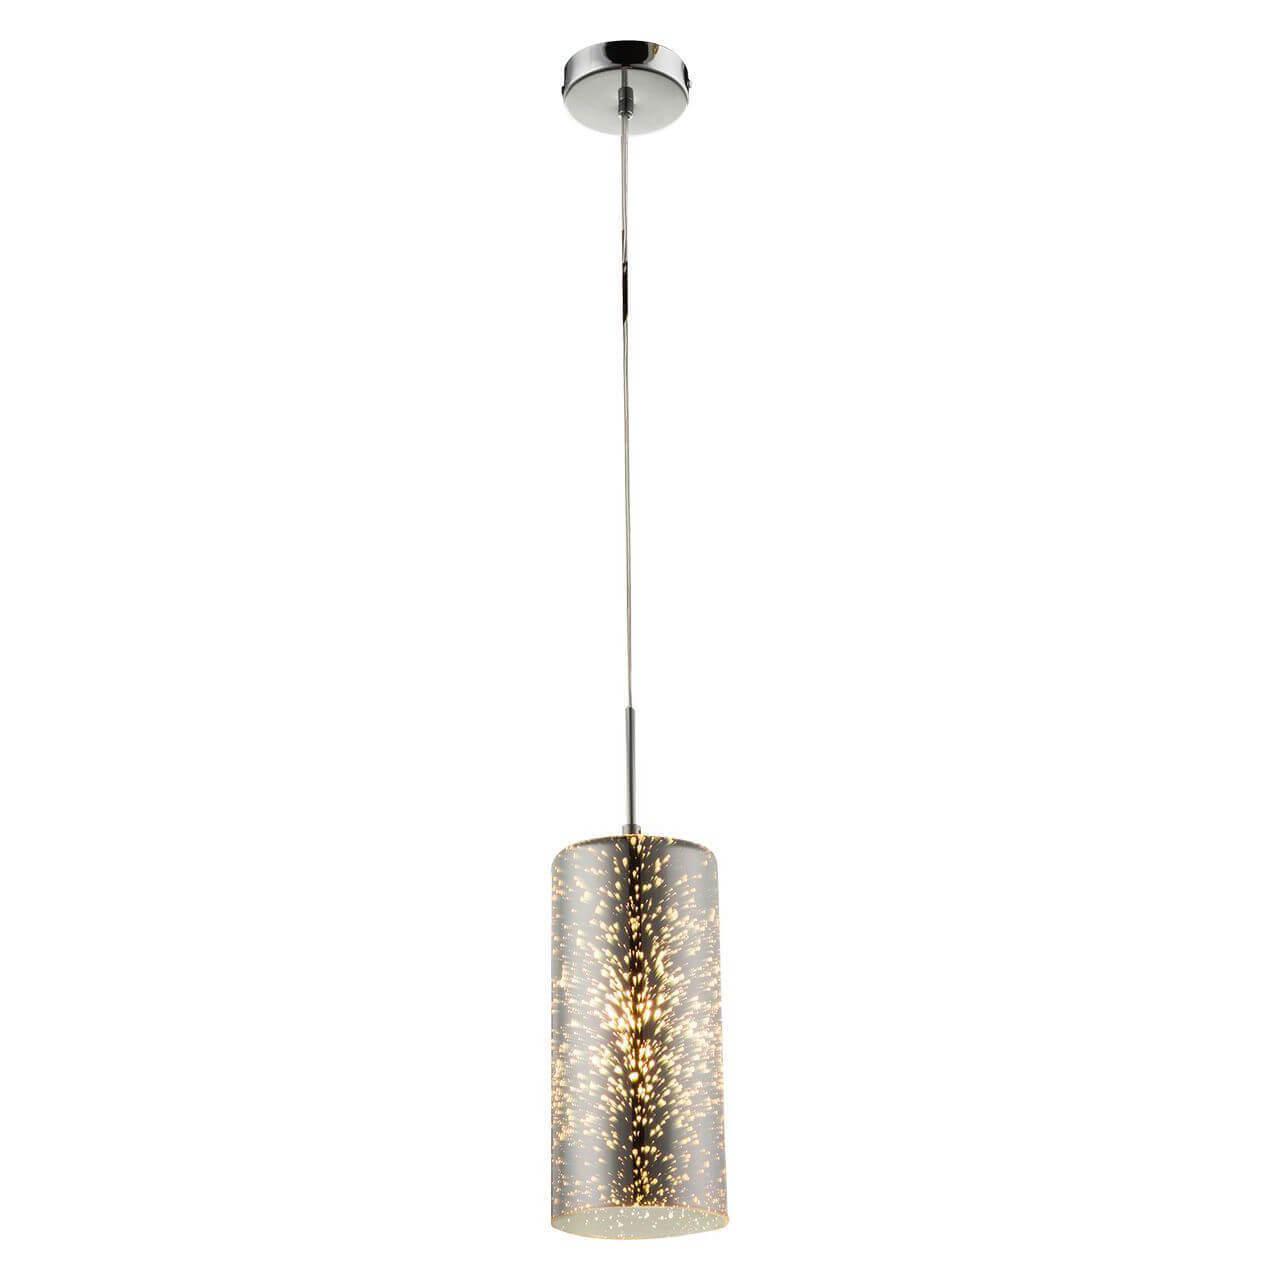 Подвесной светильник Globo Koby I 15849 цена и фото